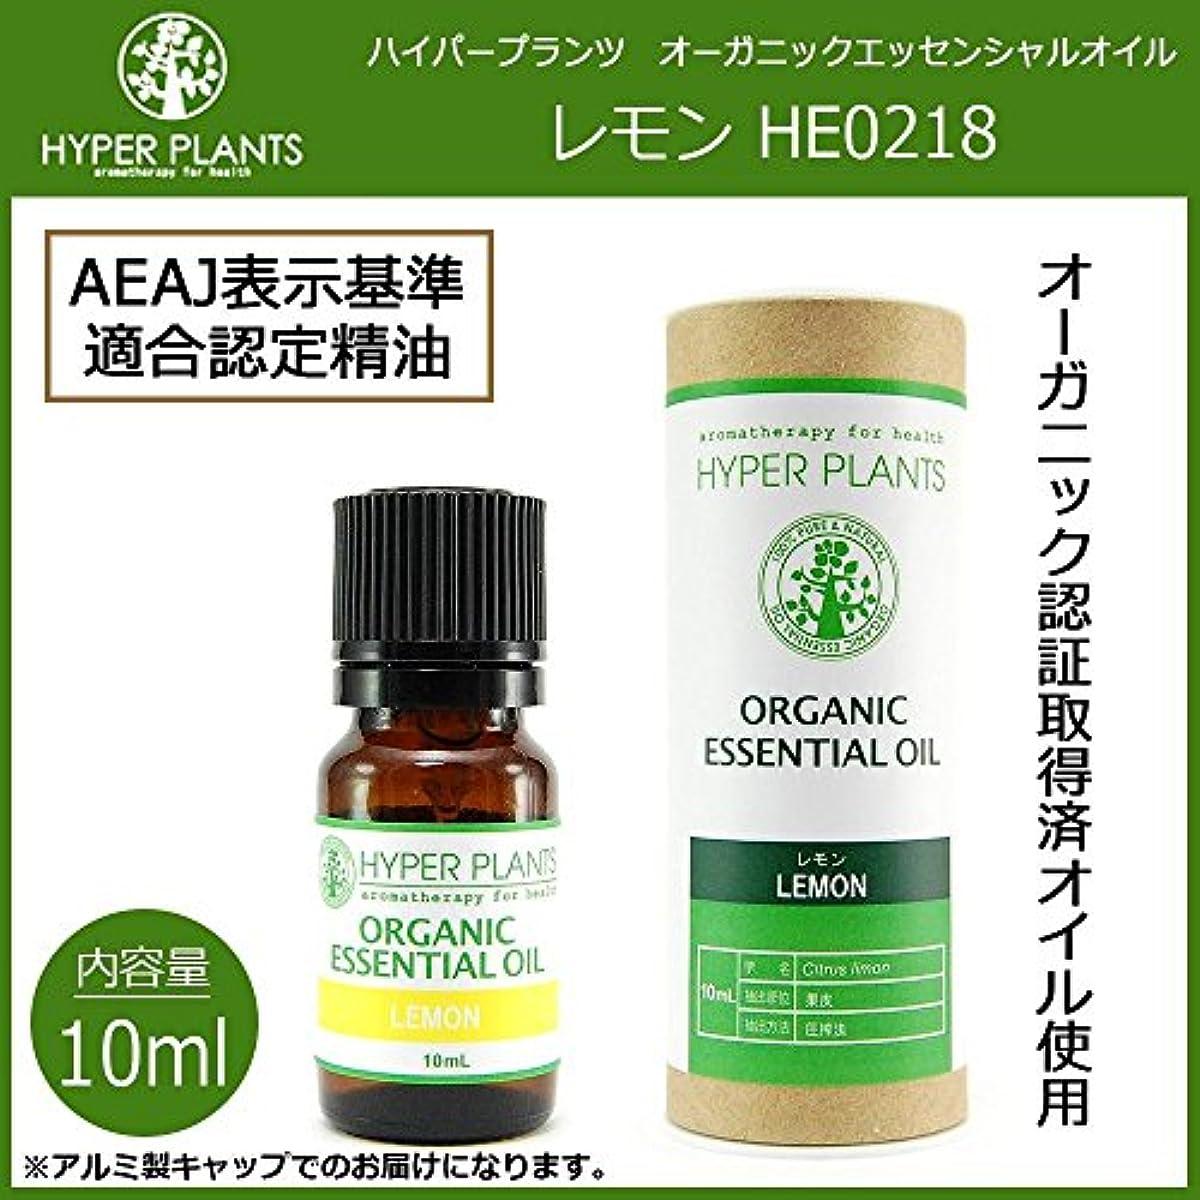 ドライブくすぐったい禁輸HYPER PLANTS ハイパープランツ オーガニックエッセンシャルオイル レモン 10ml HE0218